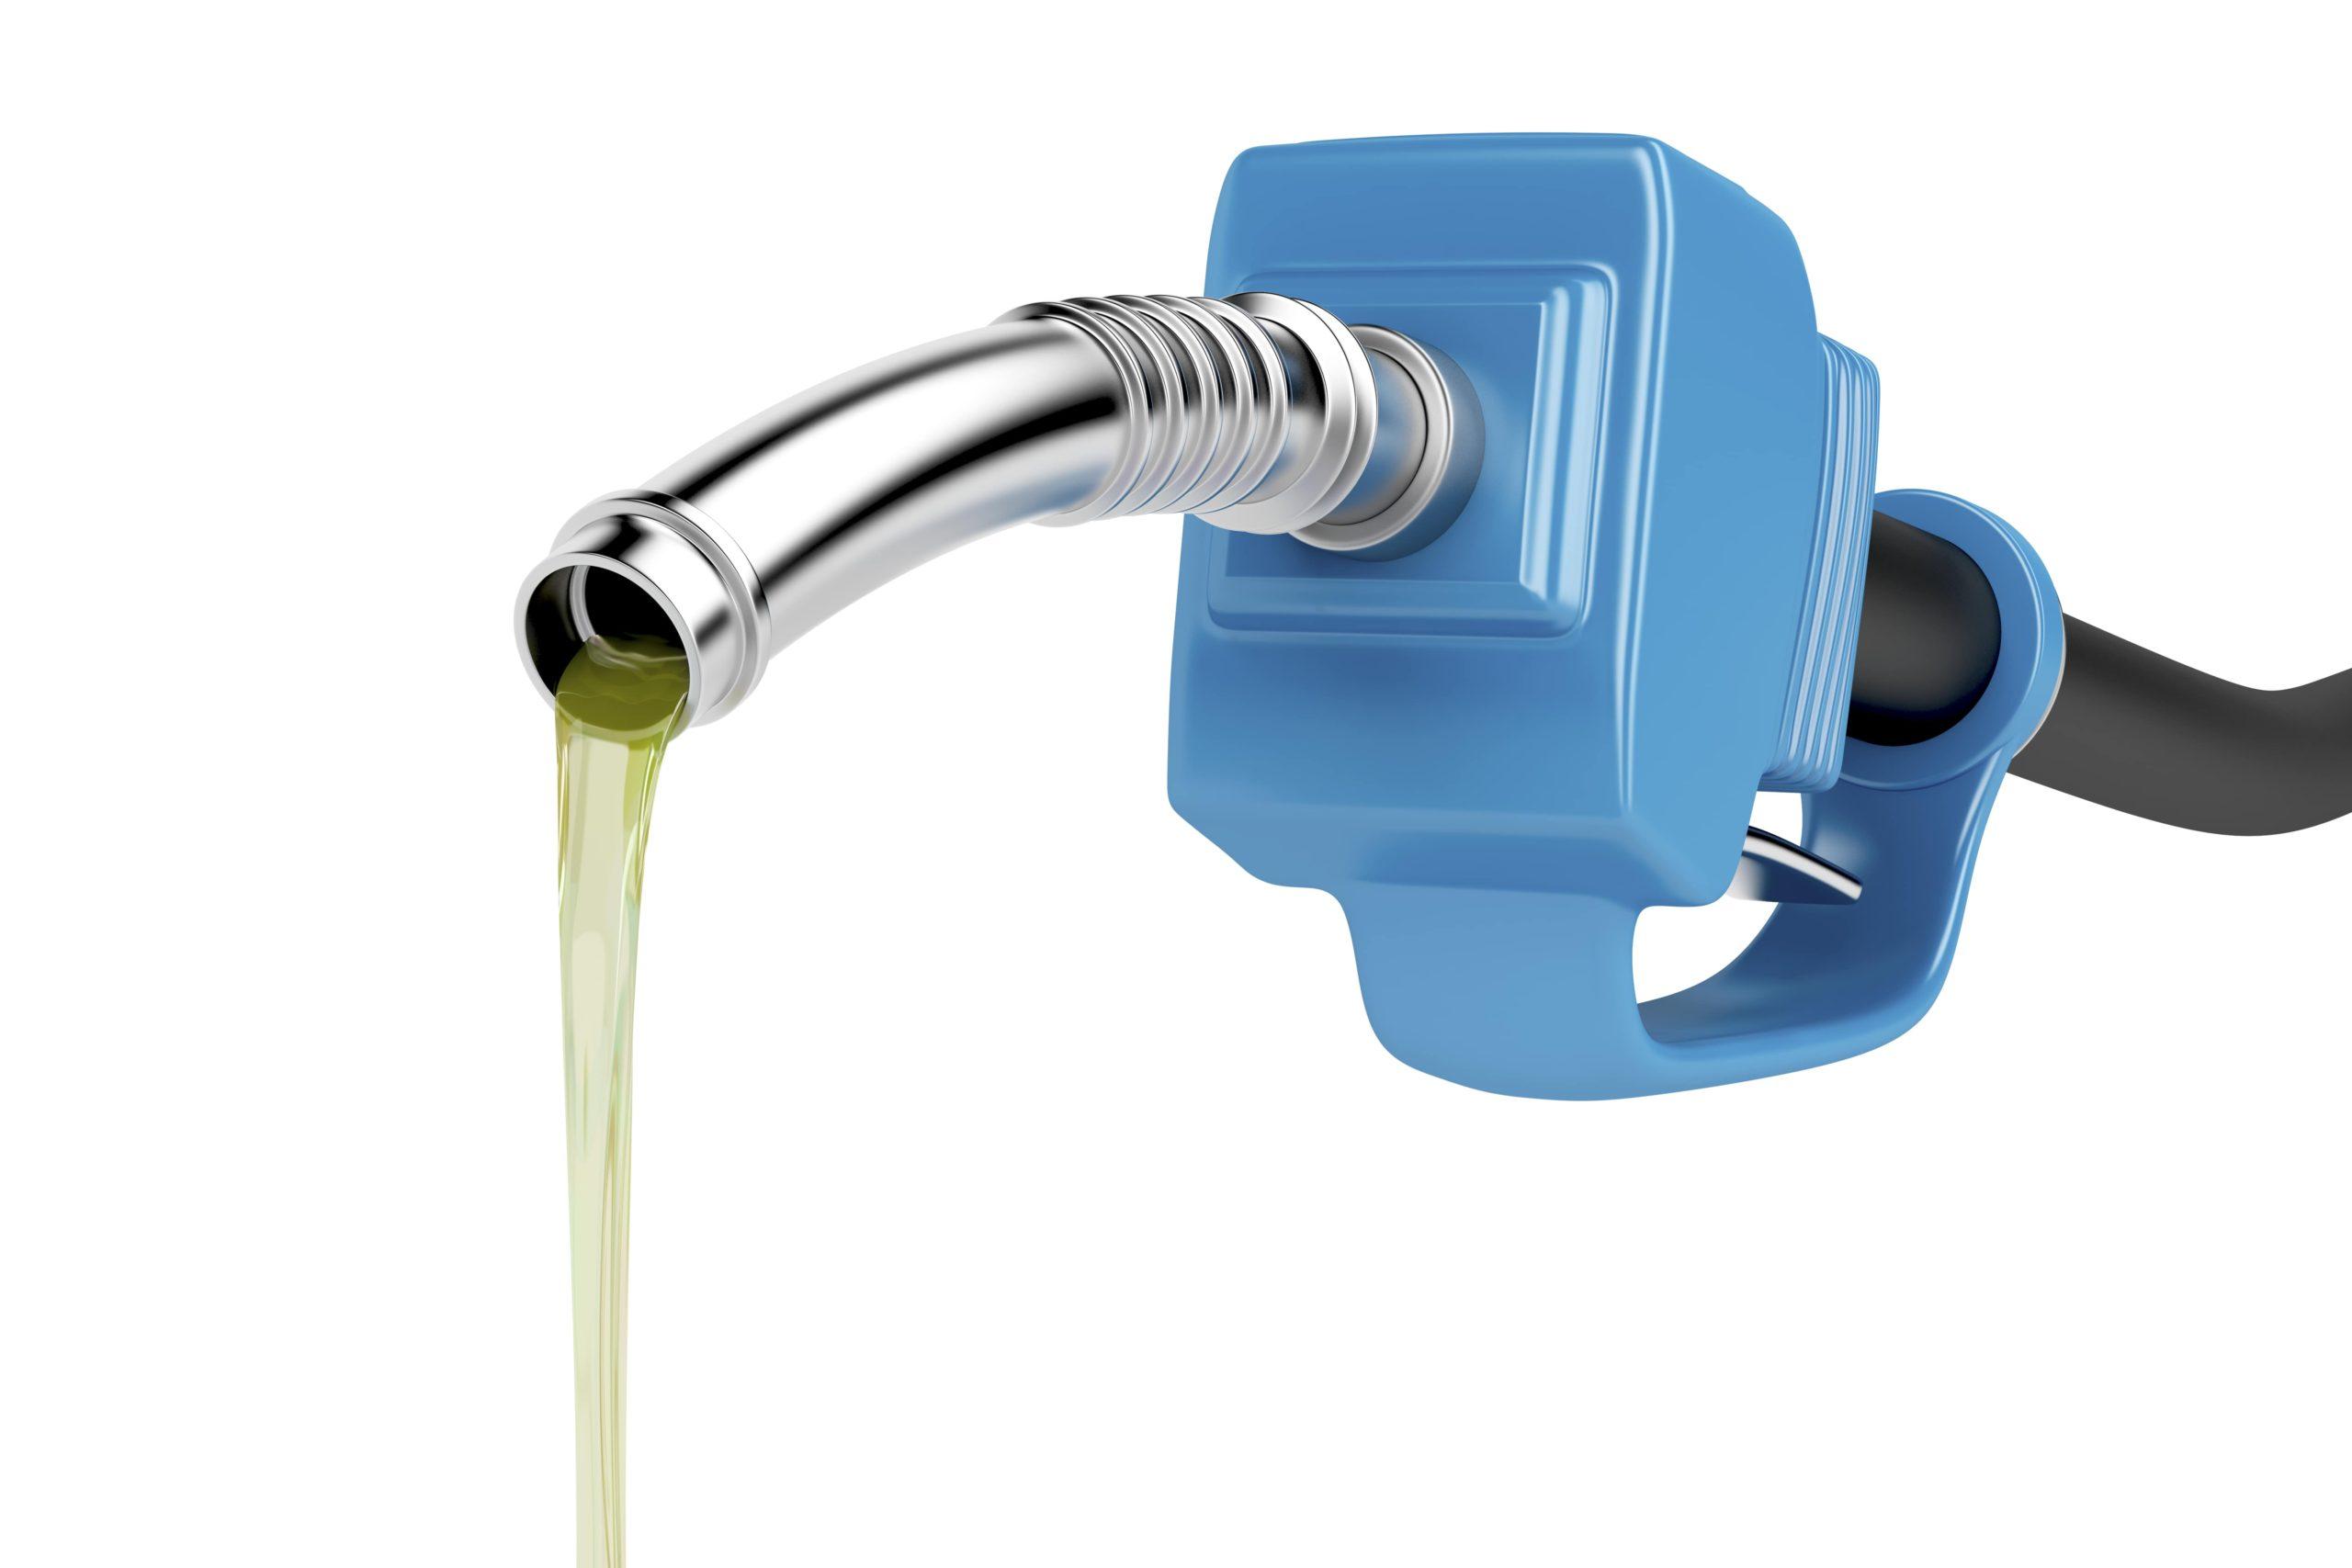 pouring-fuel-PYT8JTW-min